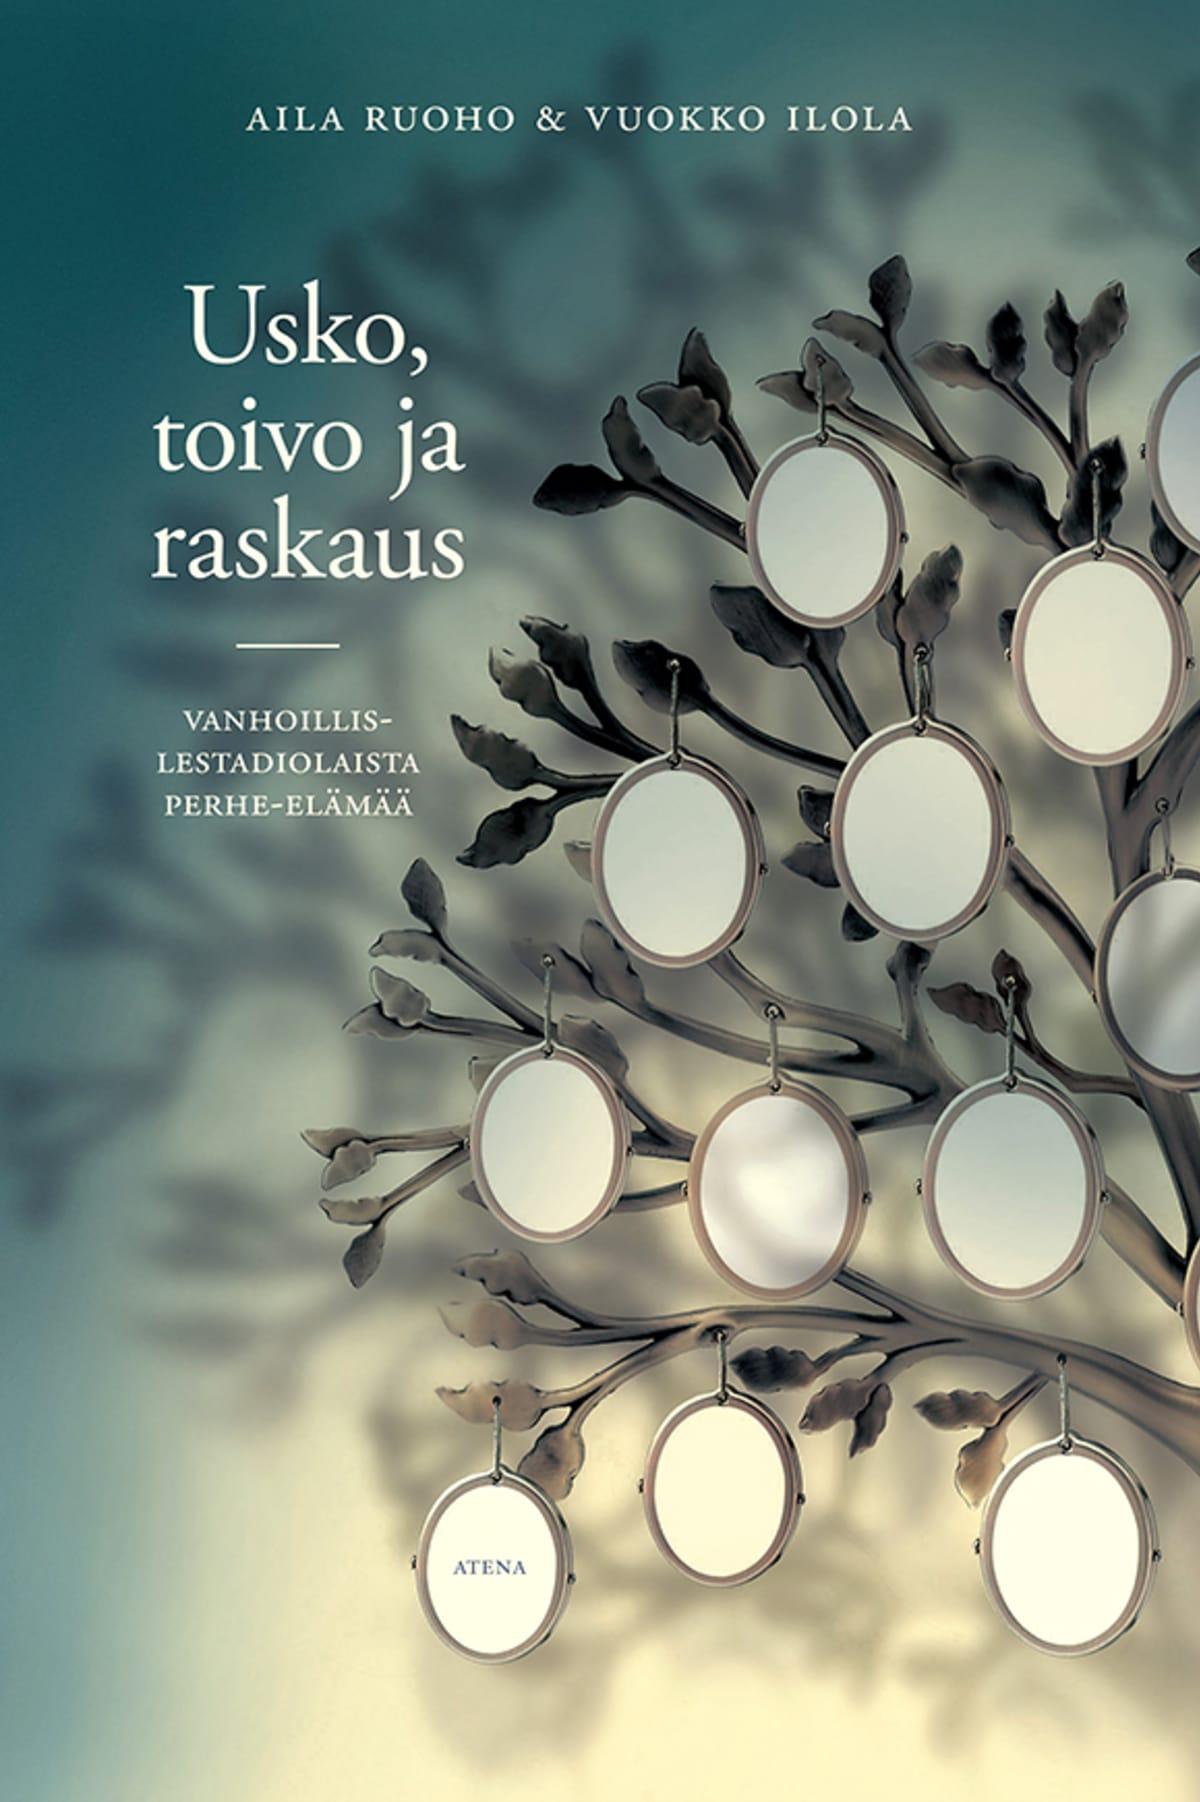 Aila Ruoho ja Vuokko Ilola: Usko, toivo ja raskaus -kirjan kansi